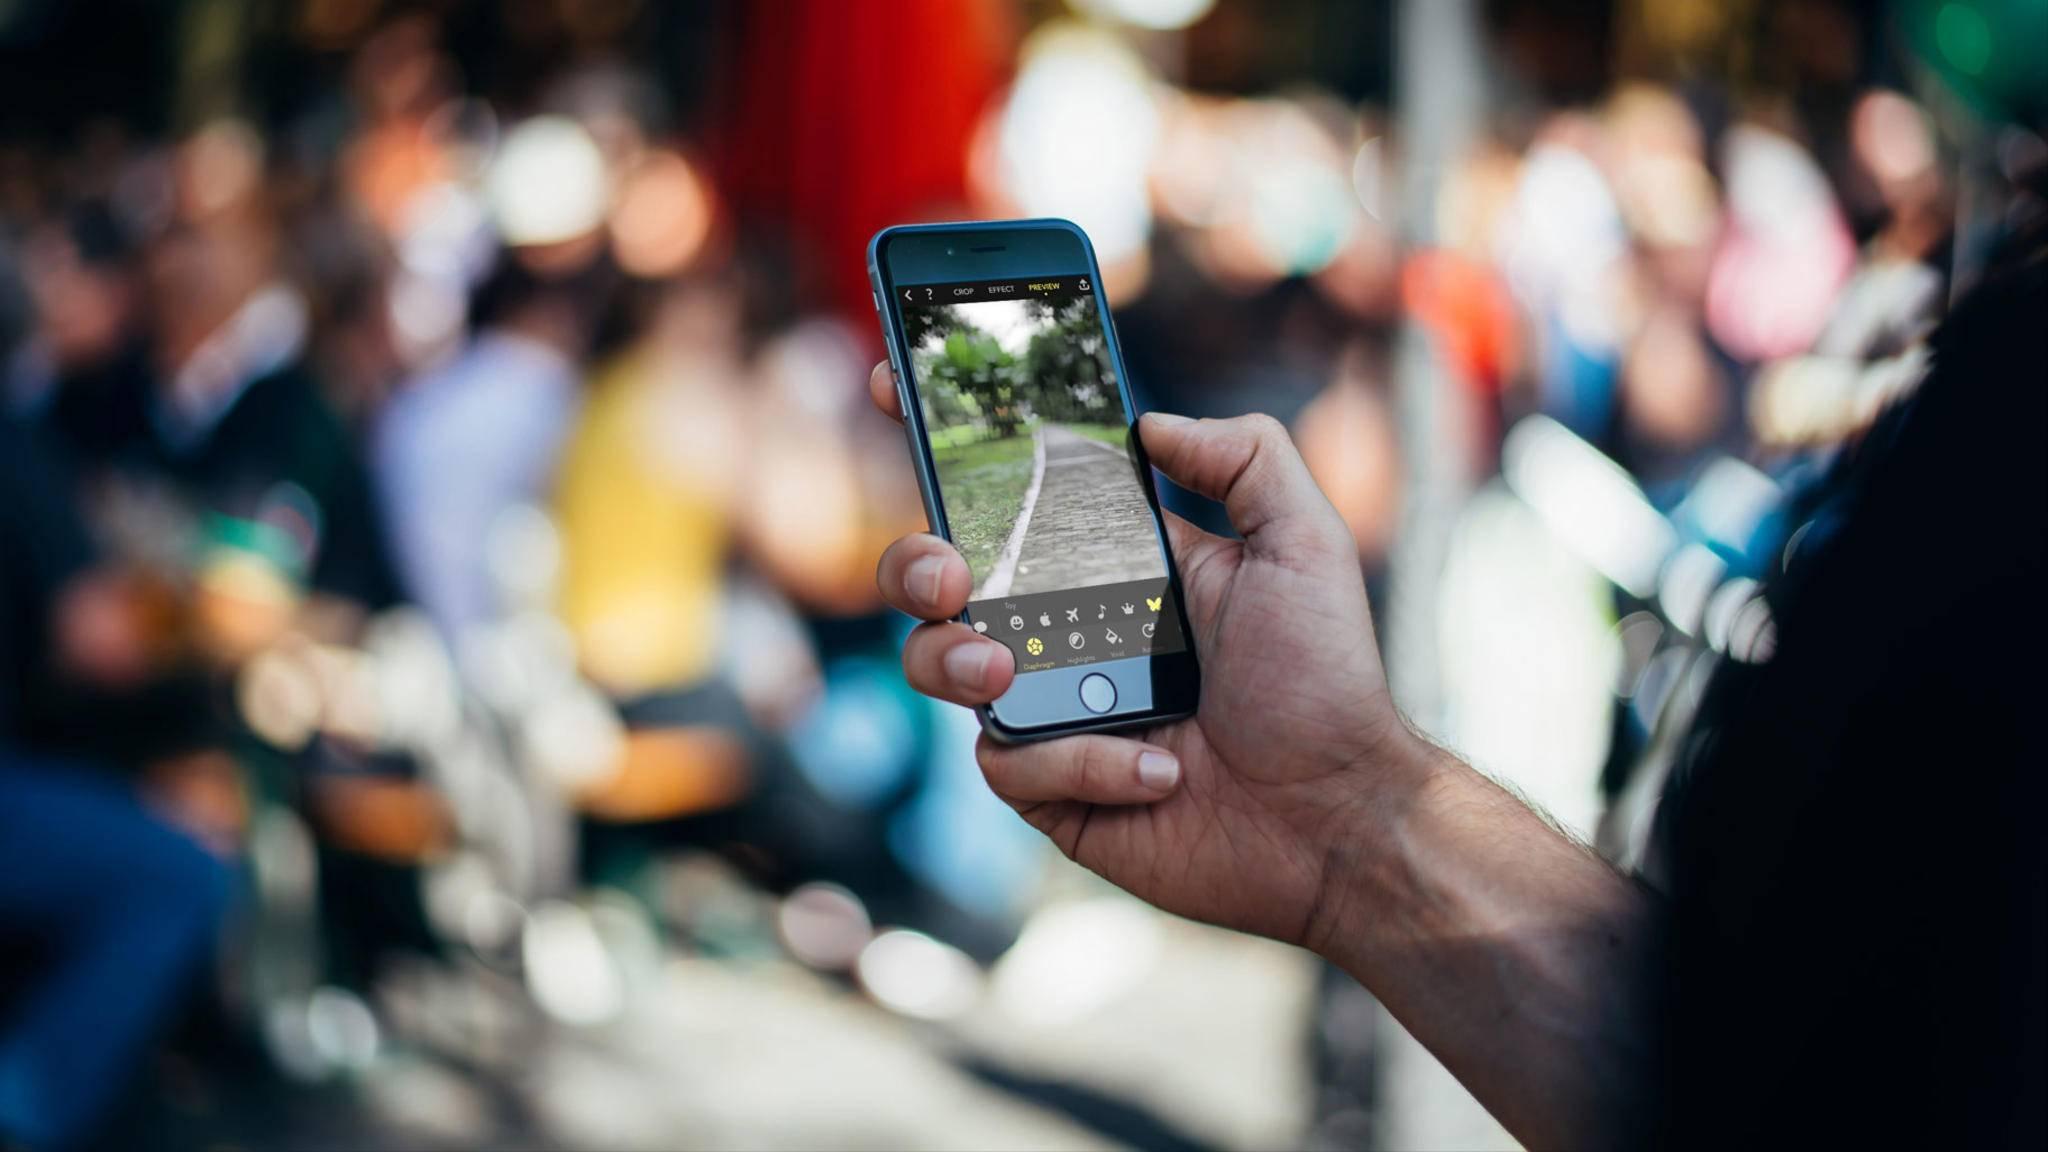 Focos bietet mehr Einstellungen für Bokeh-Effekte als die normale iOS-Kamera.